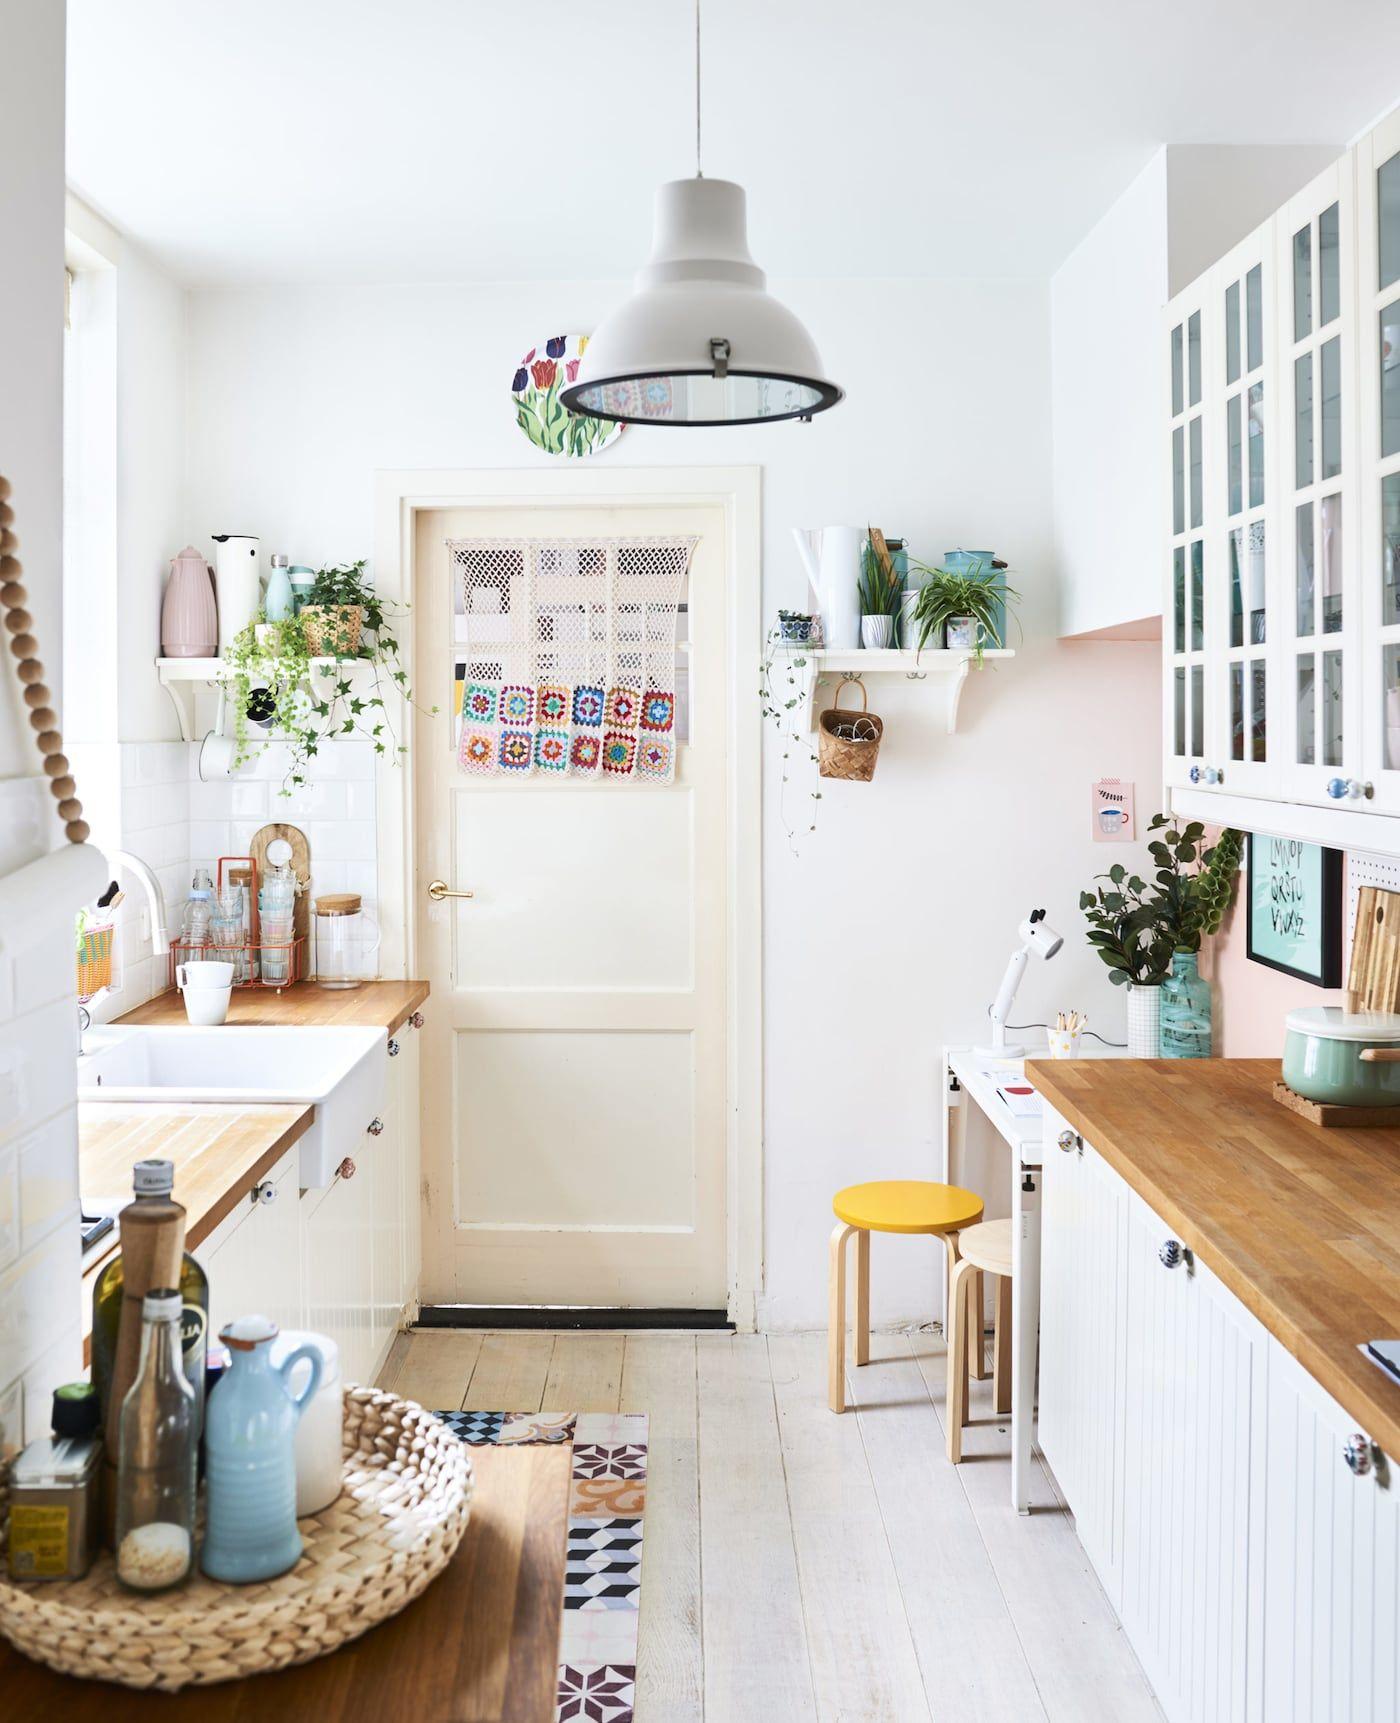 Entspannungsecke Im Wohnzimmer Einrichten Minimalistische Dekoration Wohnung Renovierung Alte Kuche